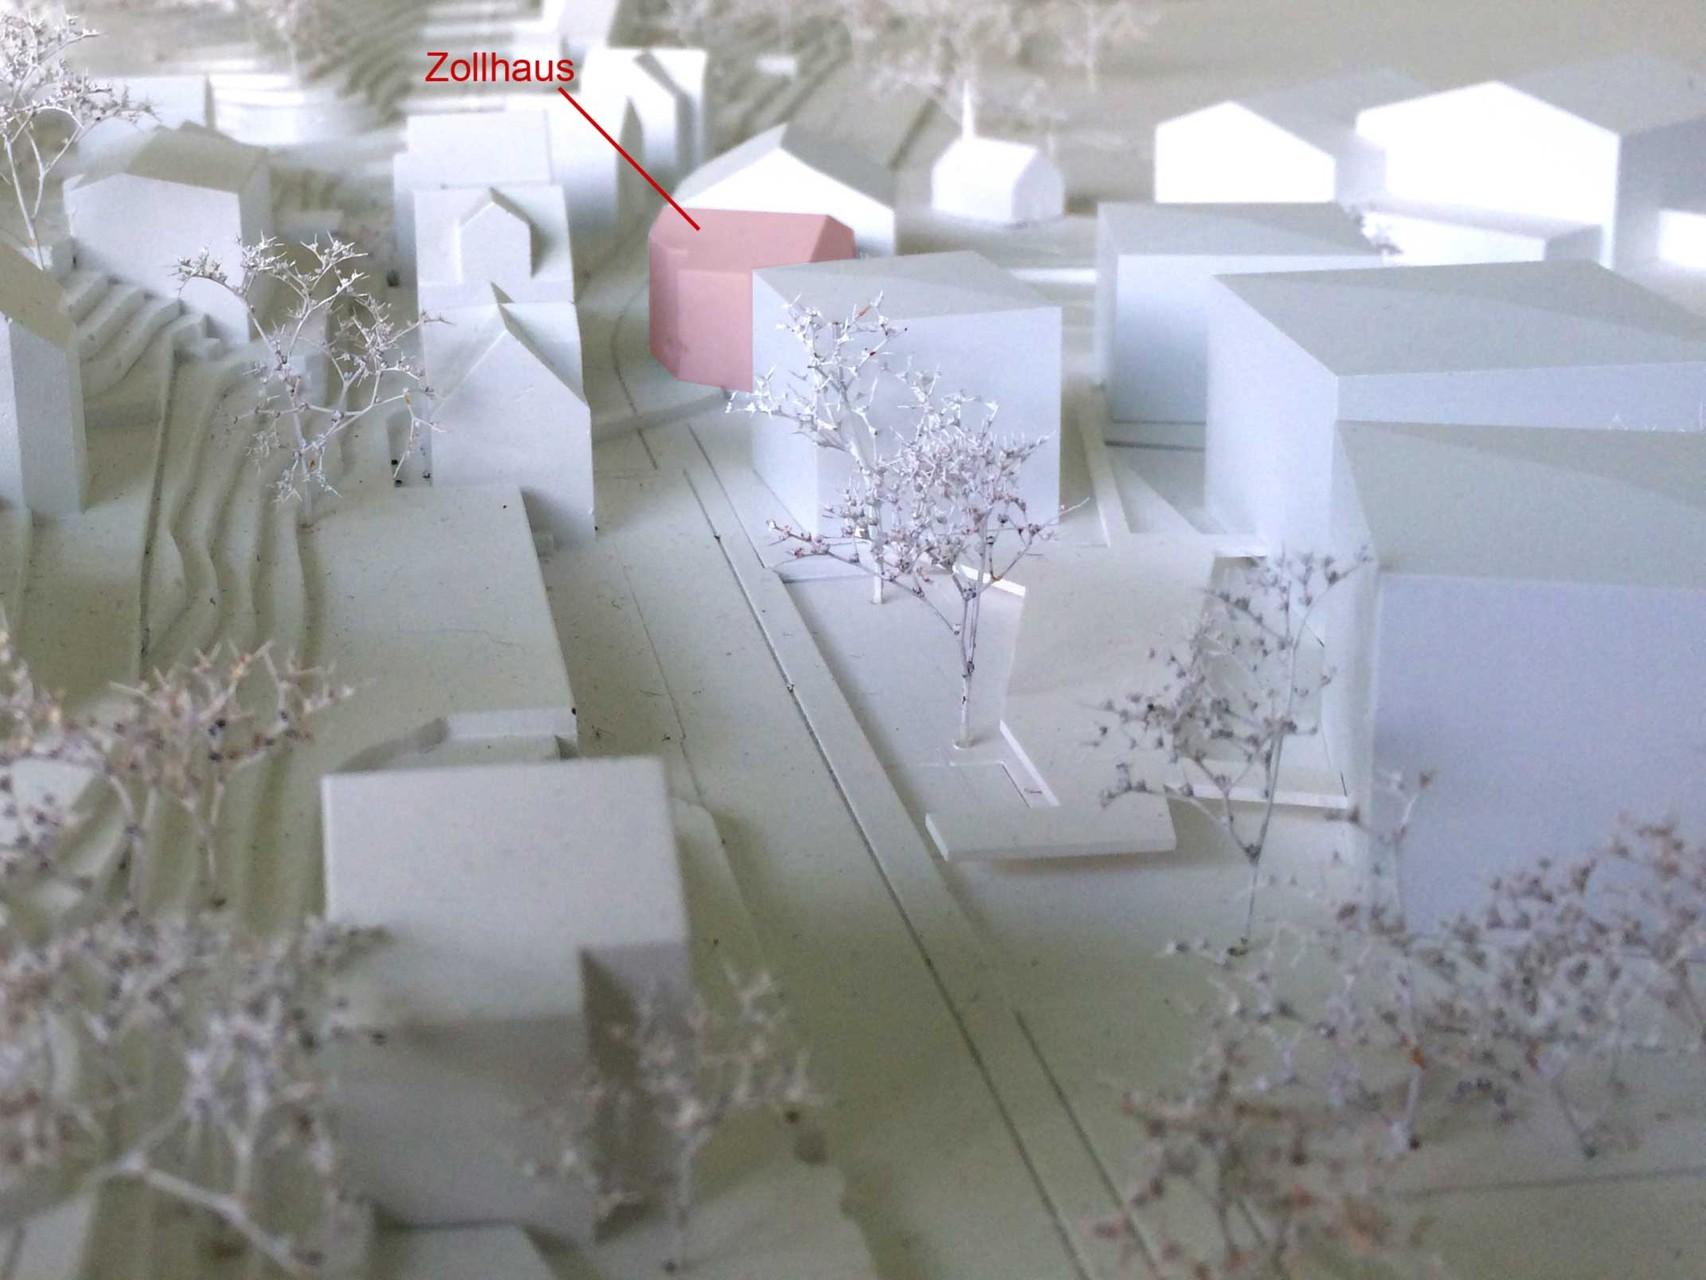 Modell des Architekturwettbewerbes